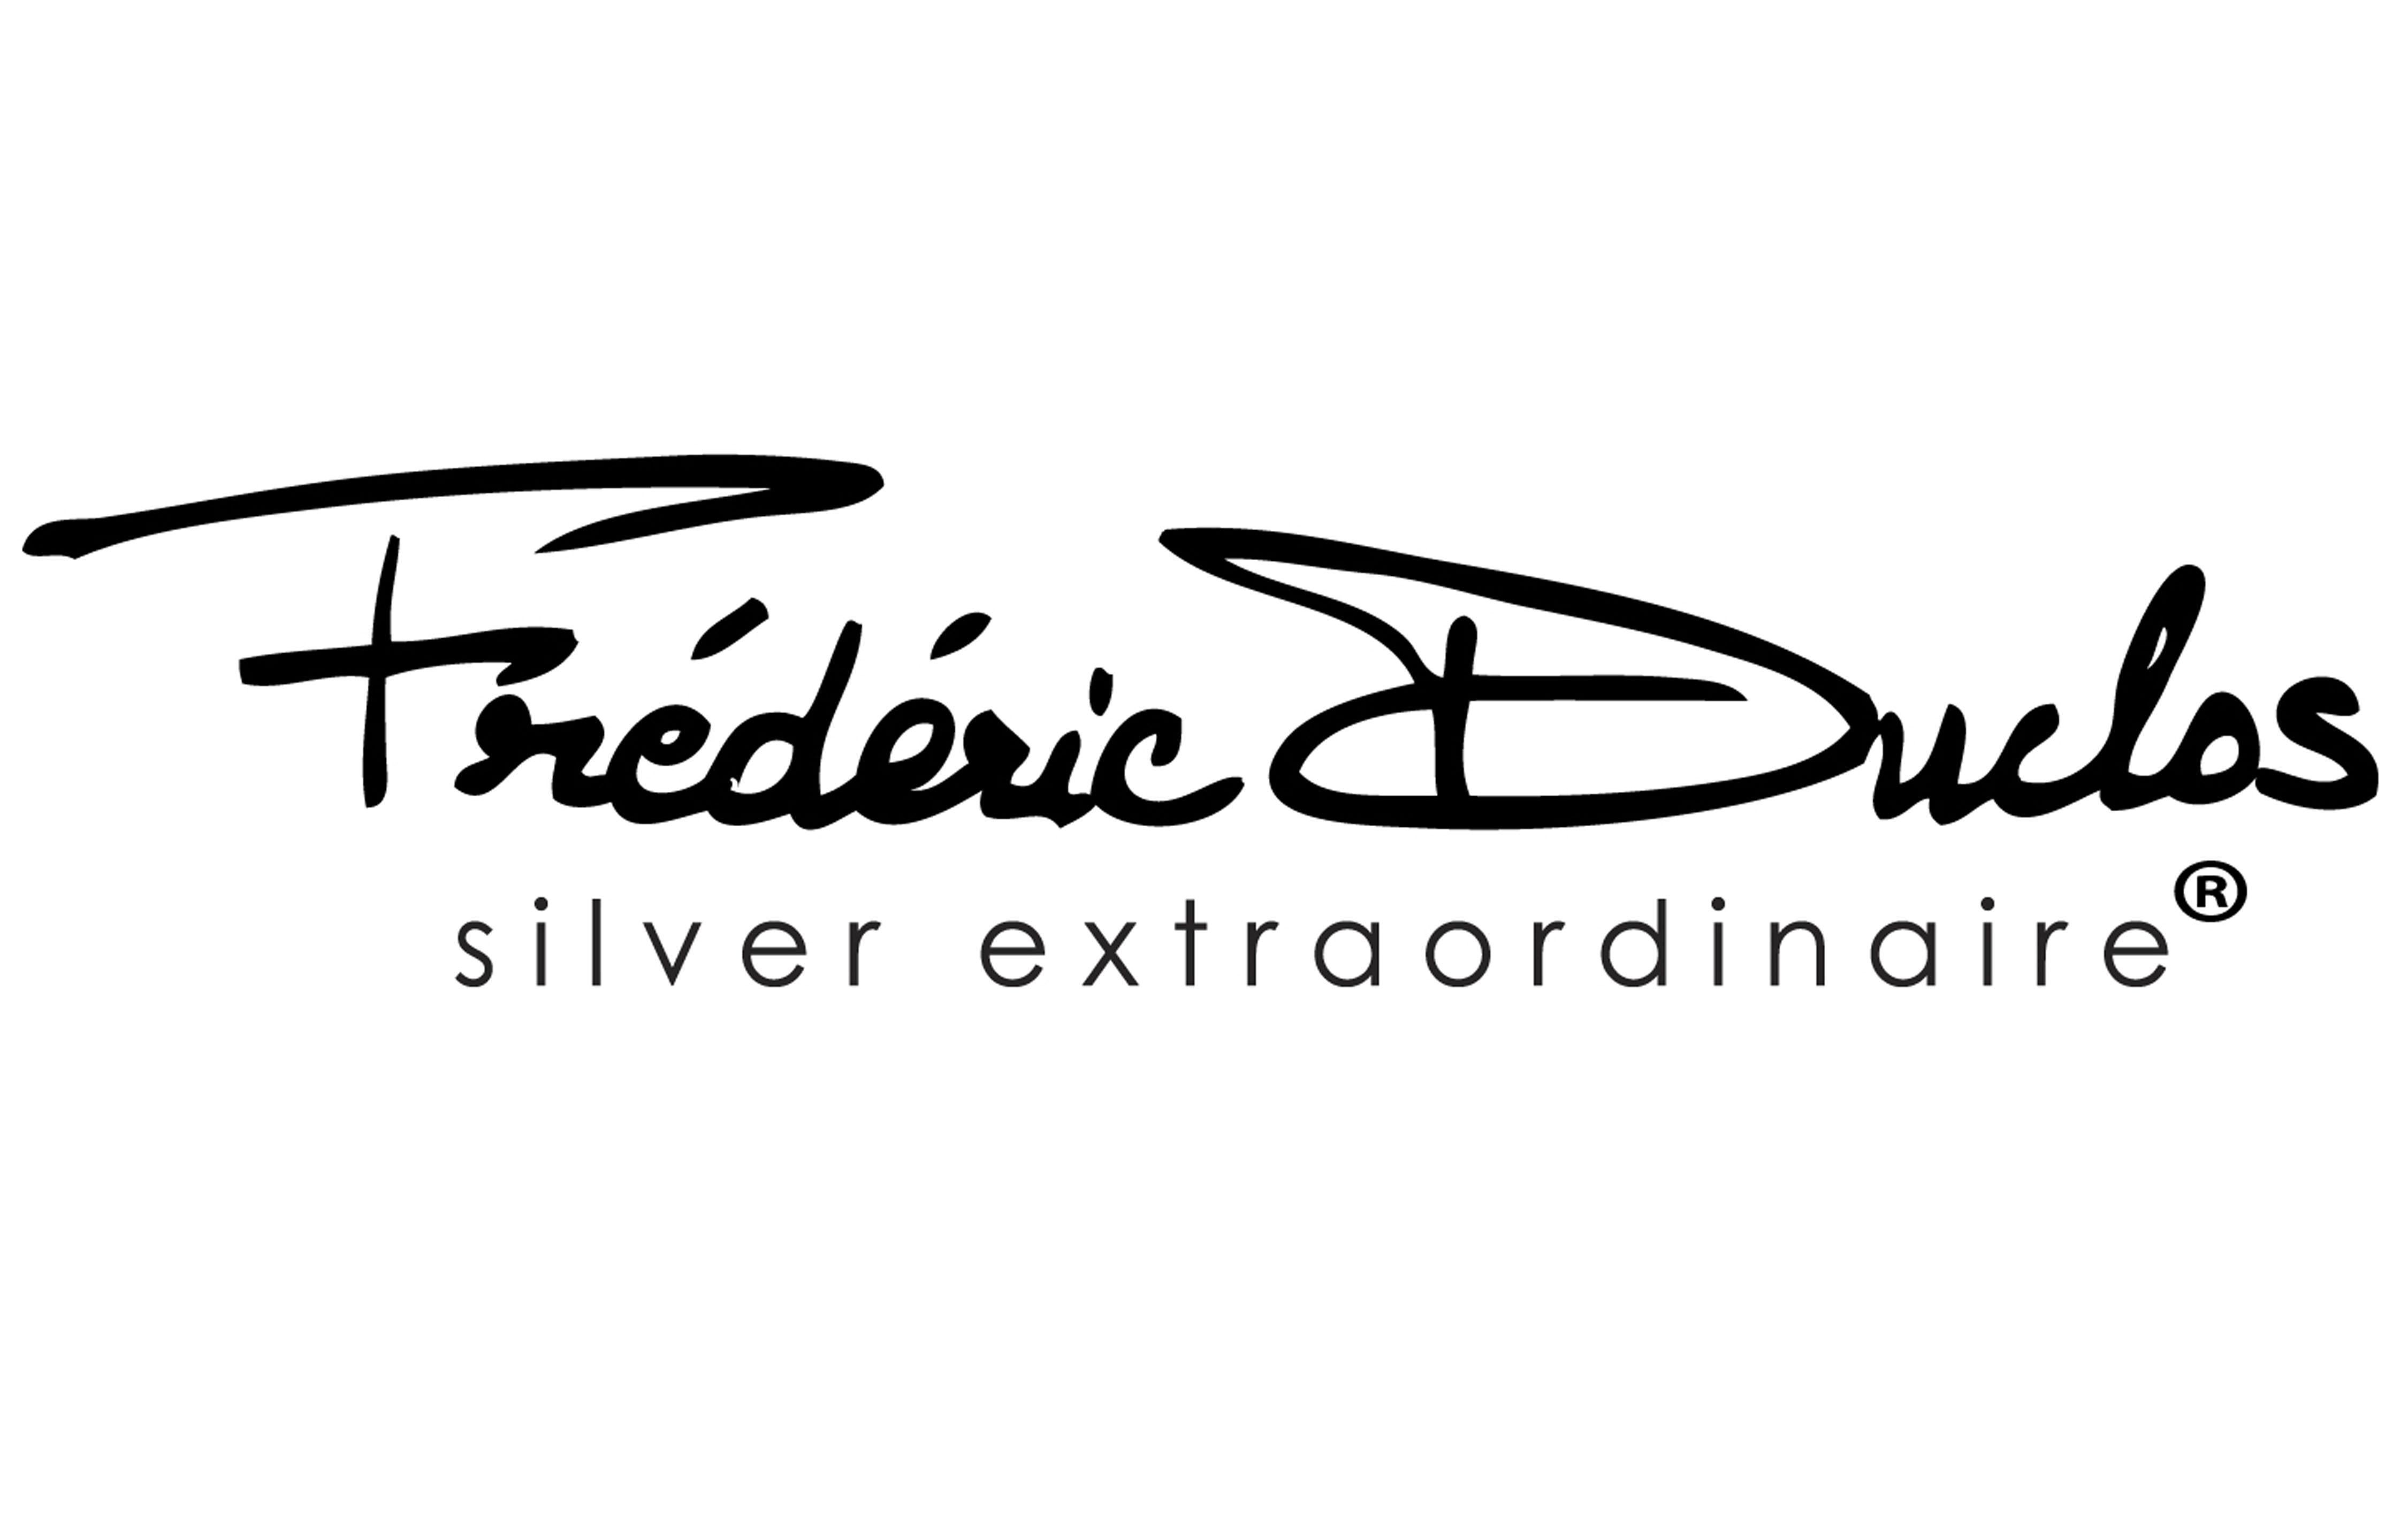 frederic-duclos-banner-15x9.jpg